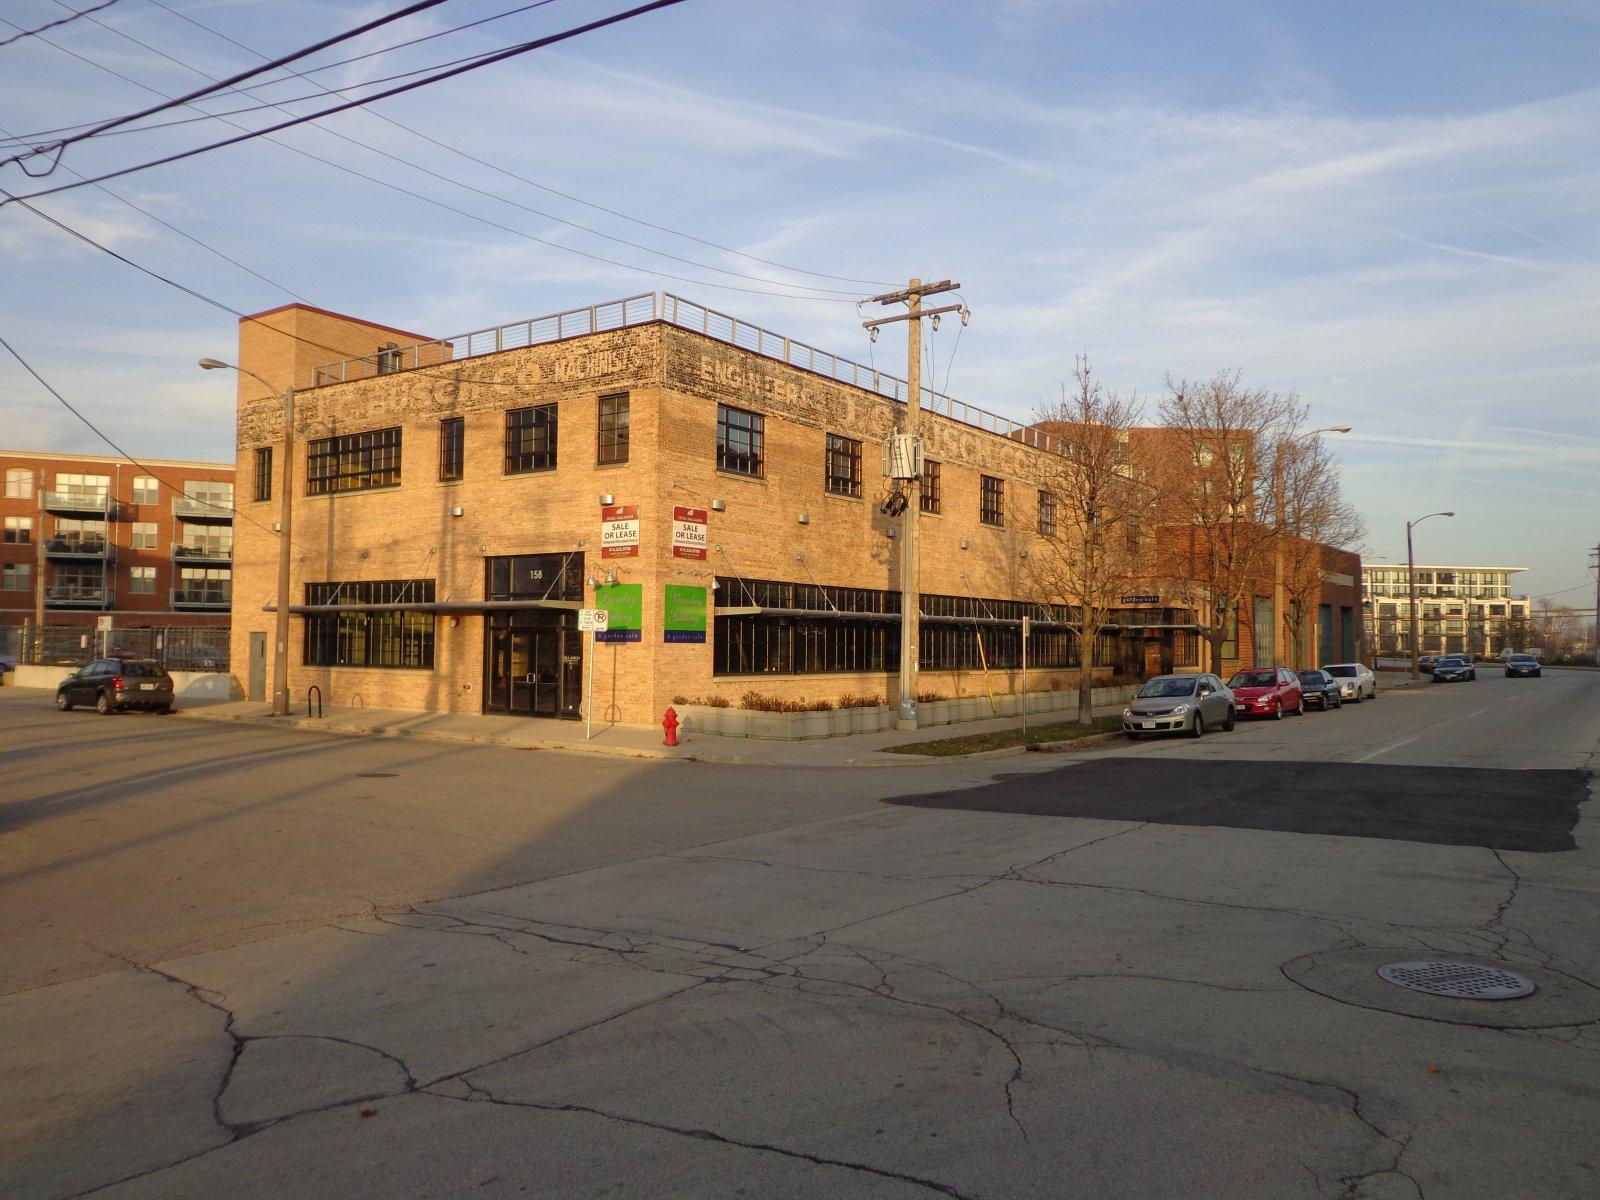 Future home of 88.9 Radio Milwaukee?